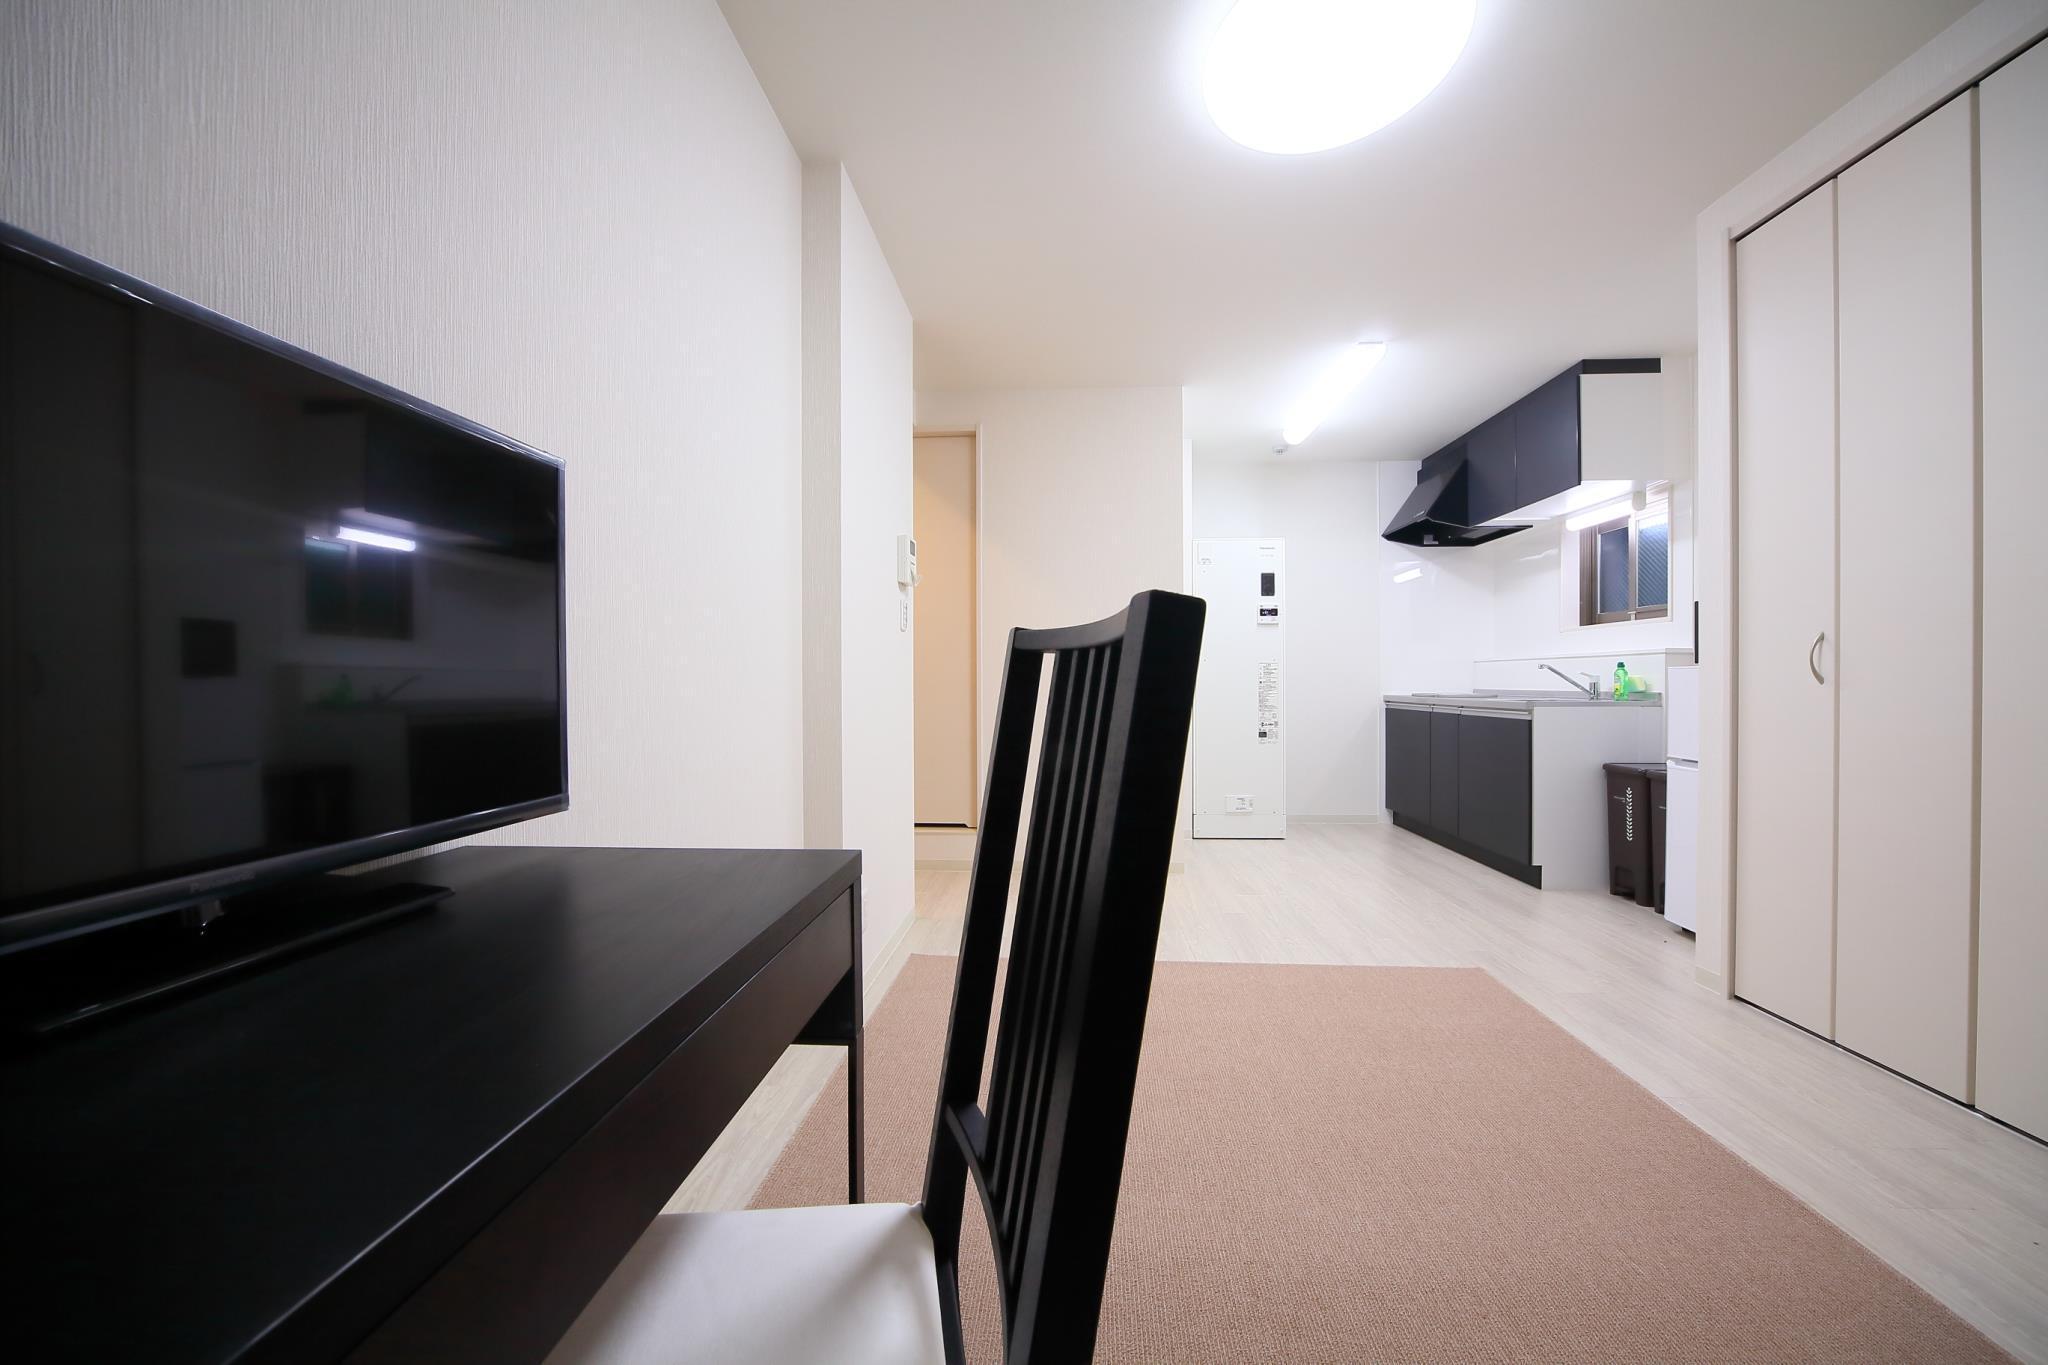 Apartment Heights HANA, Sakai